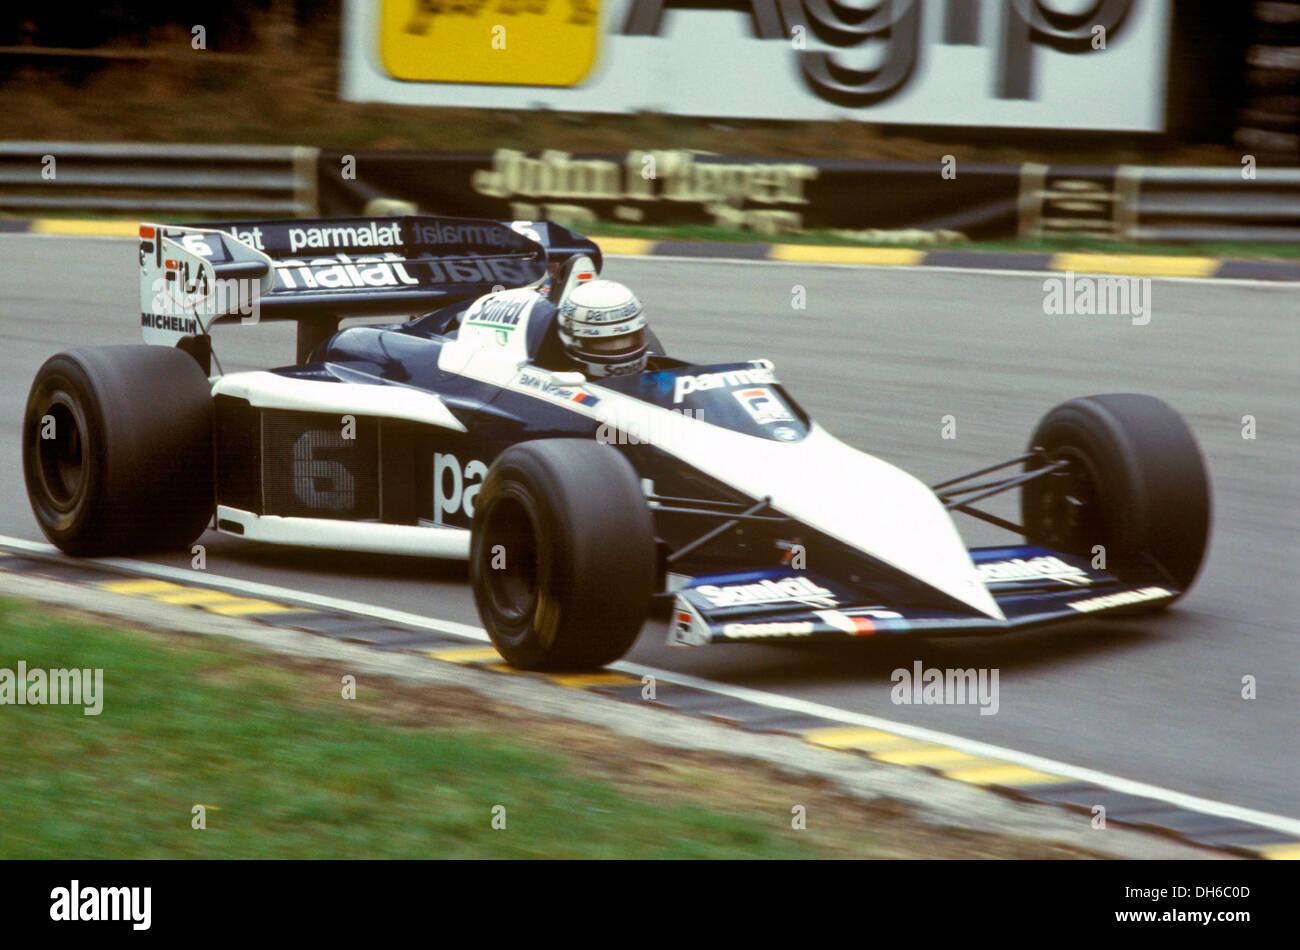 Riccardo Patrese fahren die Meisterschaft gewinnen BT52 Brabham BMW, British GP, England 16. Juli 1983. Stockbild